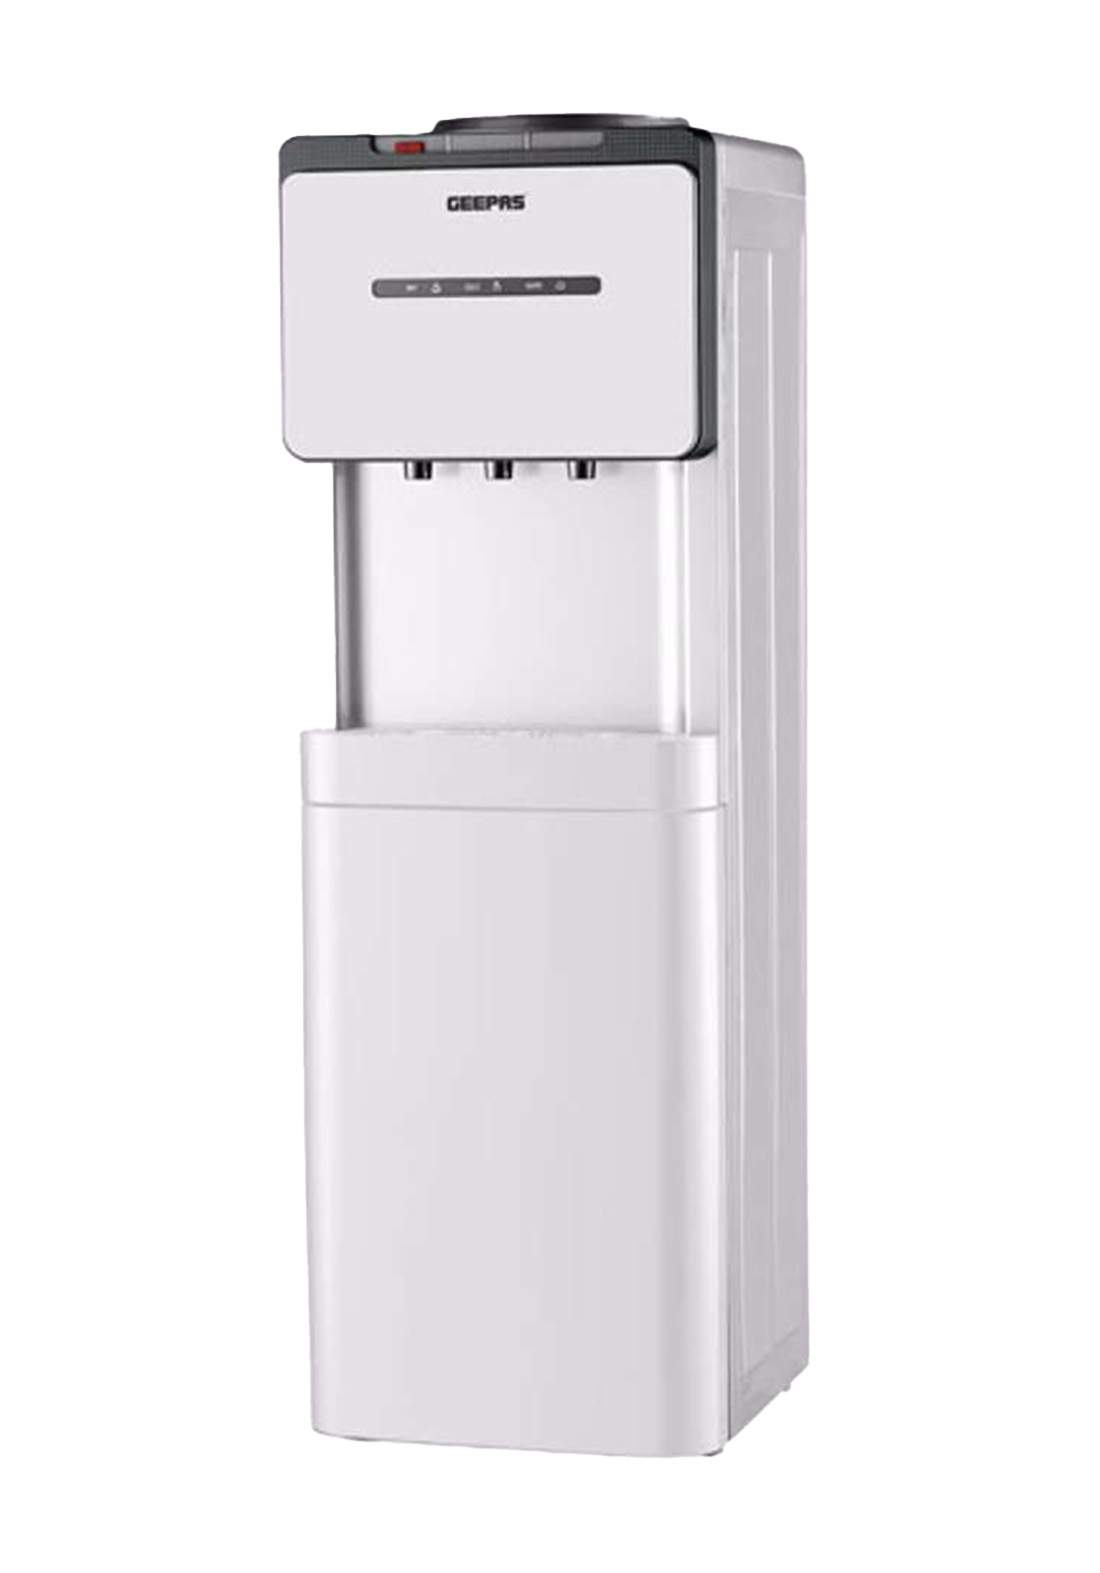 Geepas GWD8355 Water Dispenser - White براد مياه